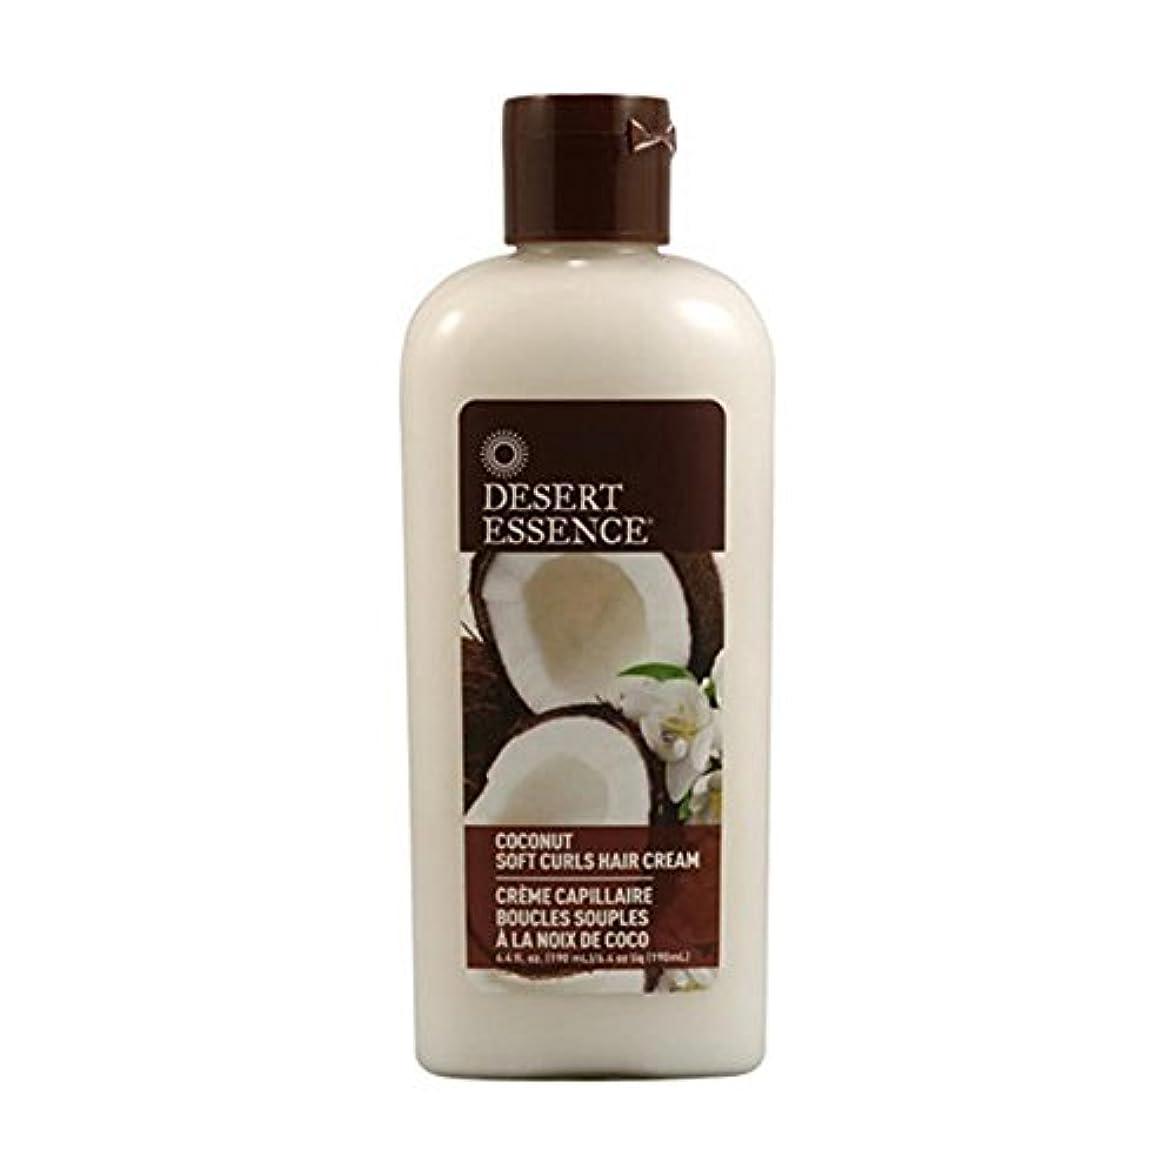 事実上見る絶対の海外直送品Desert Essence Coconut Shine Soft Curl Hair Cream, 6.4 OZ (Pack of 3)